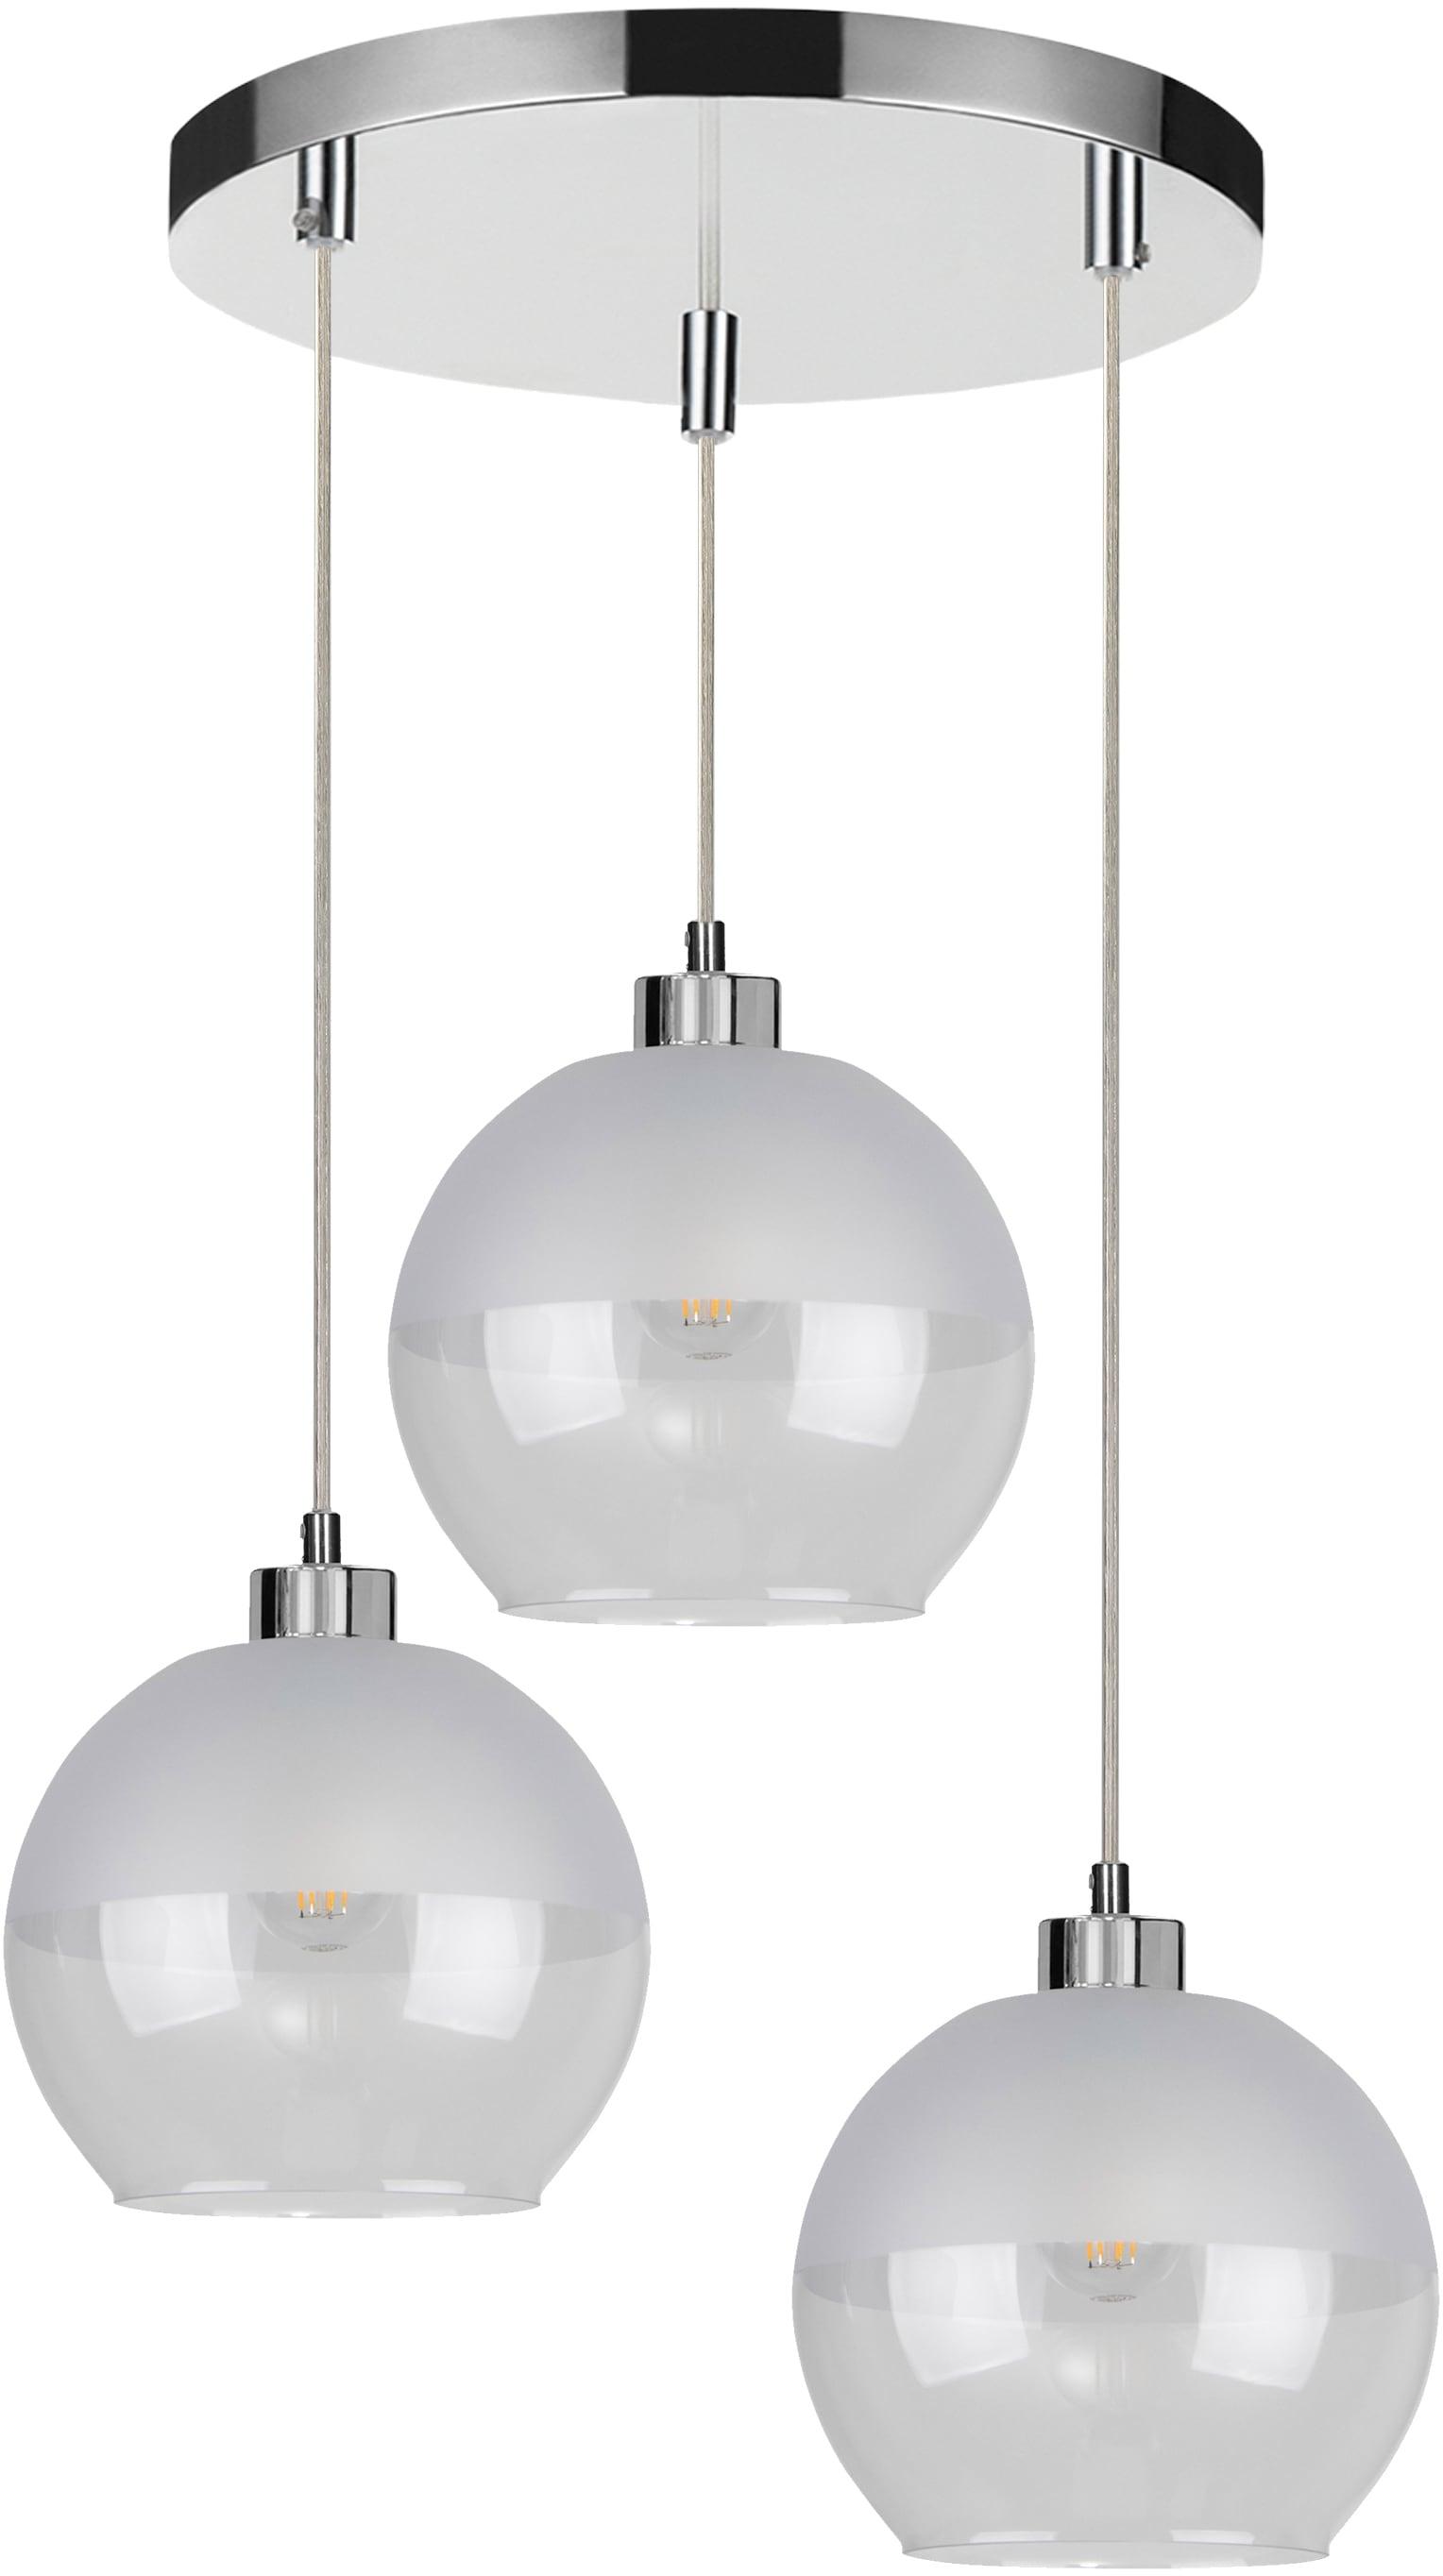 SPOT Light Pendelleuchte FRESH, E27, 1 St., Hängeleuchte, Lampenschirm aus Glas, in der Höhe einstellbar / Kabel kürzbar, besonders dekorativ durch wertiges Glas, für LED-Leuchtmittel geeignet, Made in EU